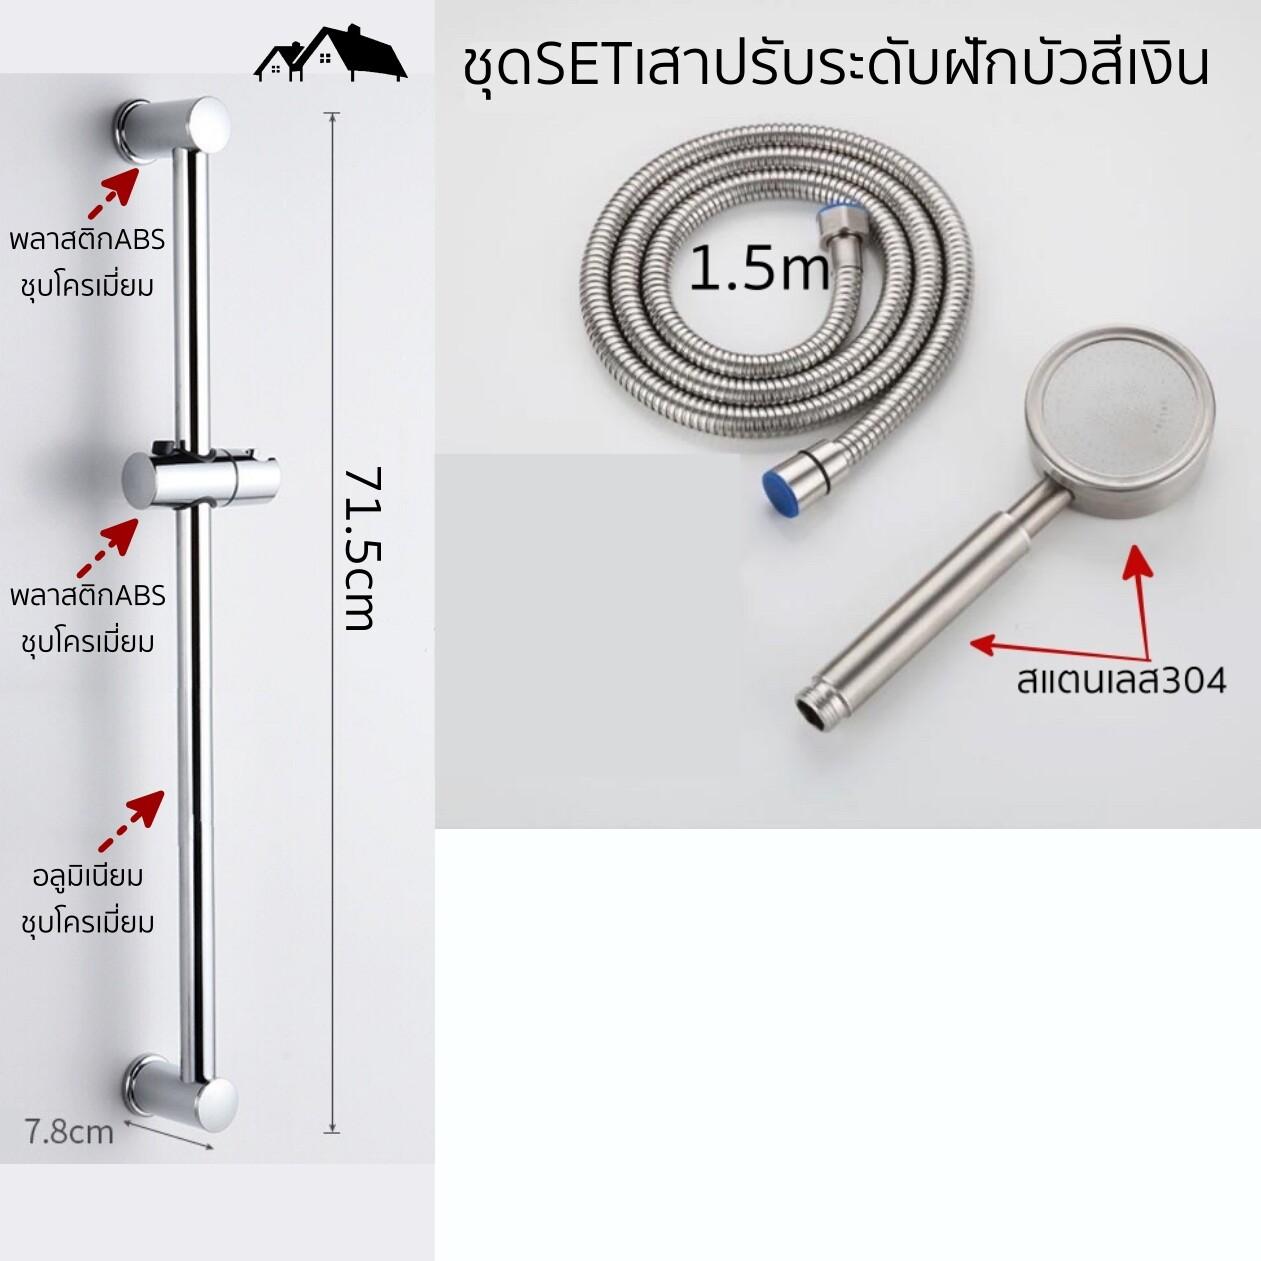 [SW-01] ชุดฝักบัวสแตนเลส 304แท้ แรงดันสูง นุ่มนวล ผ่อนคลายกล้ามเนื้อ ป้องกันสนิม ผลิตจากโรงงานมาตรฐาน ISO9001